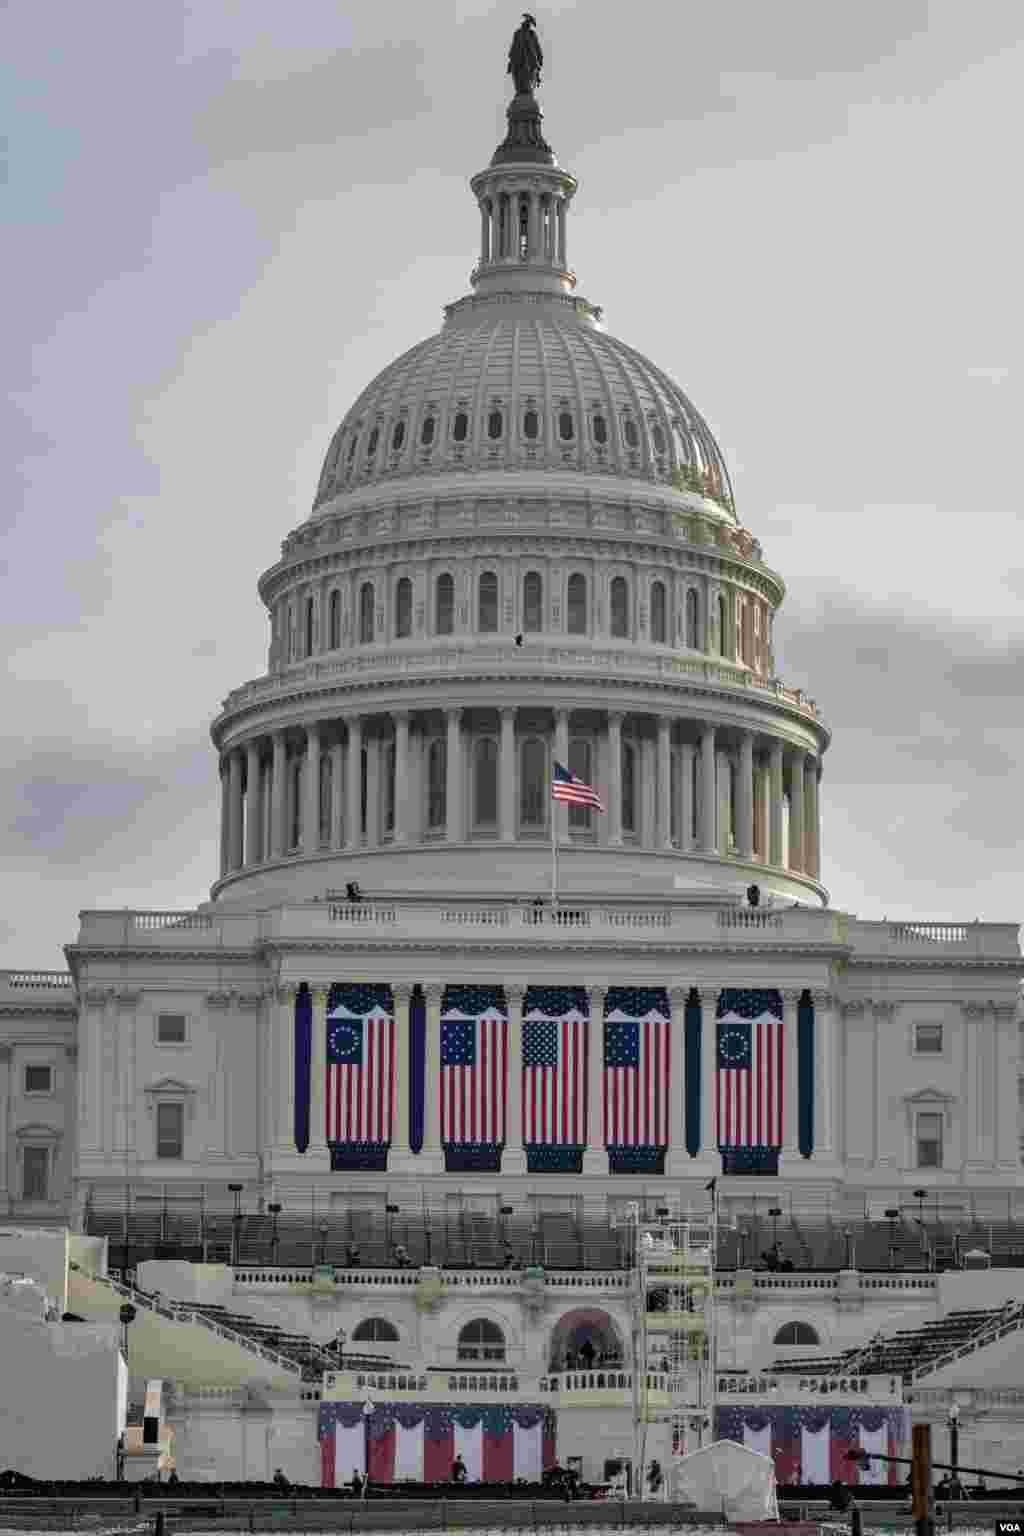 کنگره آمریکا در ۲۴ ساعت پیش از اجرای مراسم تحلیف چهل و پنجمین رئیس جمهوری آمریکا